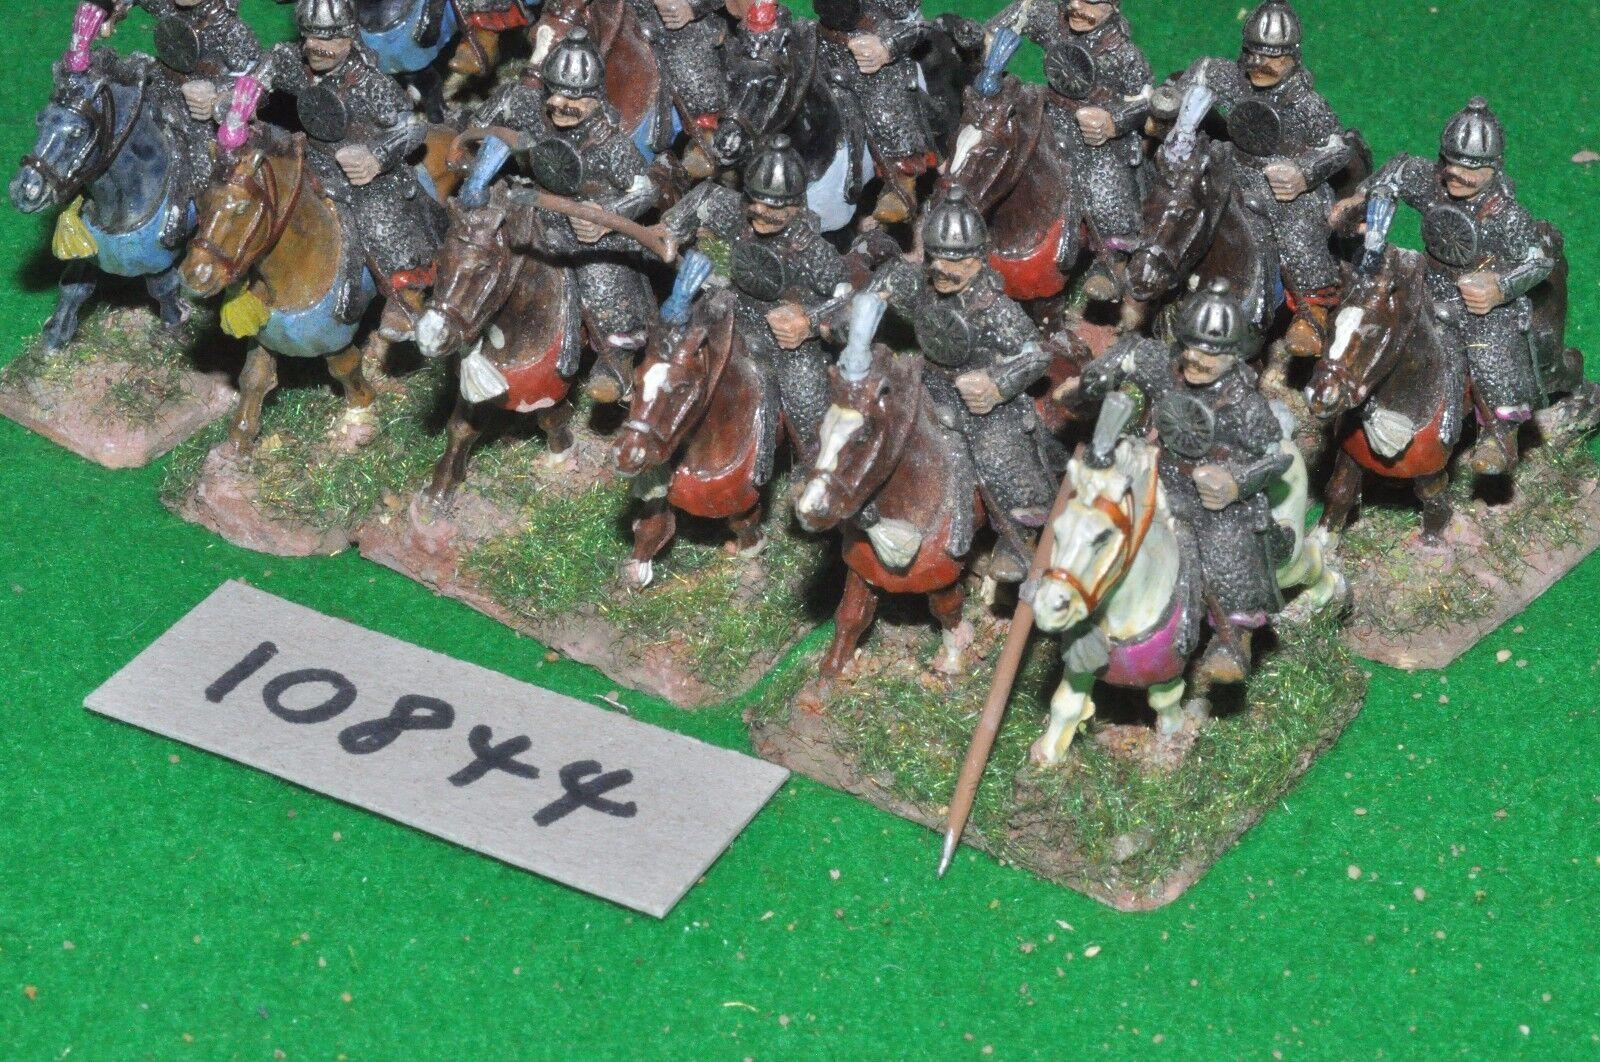 25mm mittelalter   hun - kavallerie 12 kavallerie - cav (10844)